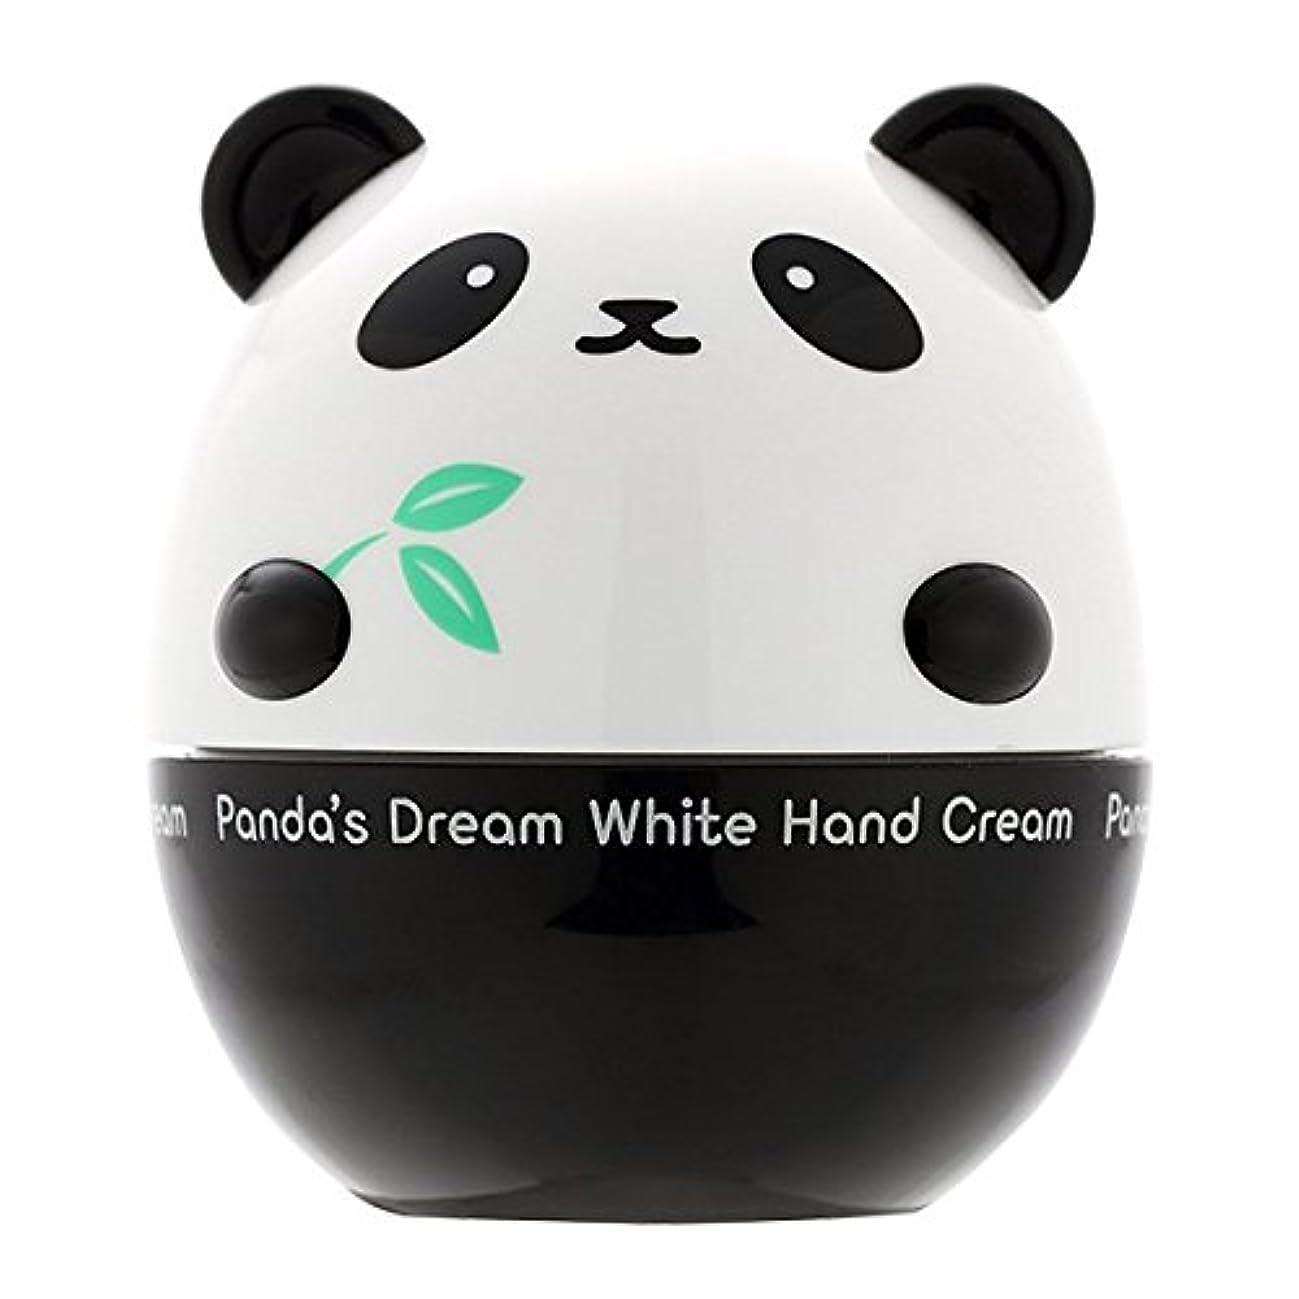 免除する輸血傑出したTONYMOLY パンダのゆめ ホワイトマジッククリーム 50g Panda's Dream White Magic Cream 照明クリームトニーモリー下地の代わりに美肌クリーム美肌成分含有 【韓国コスメ】トニーモリー